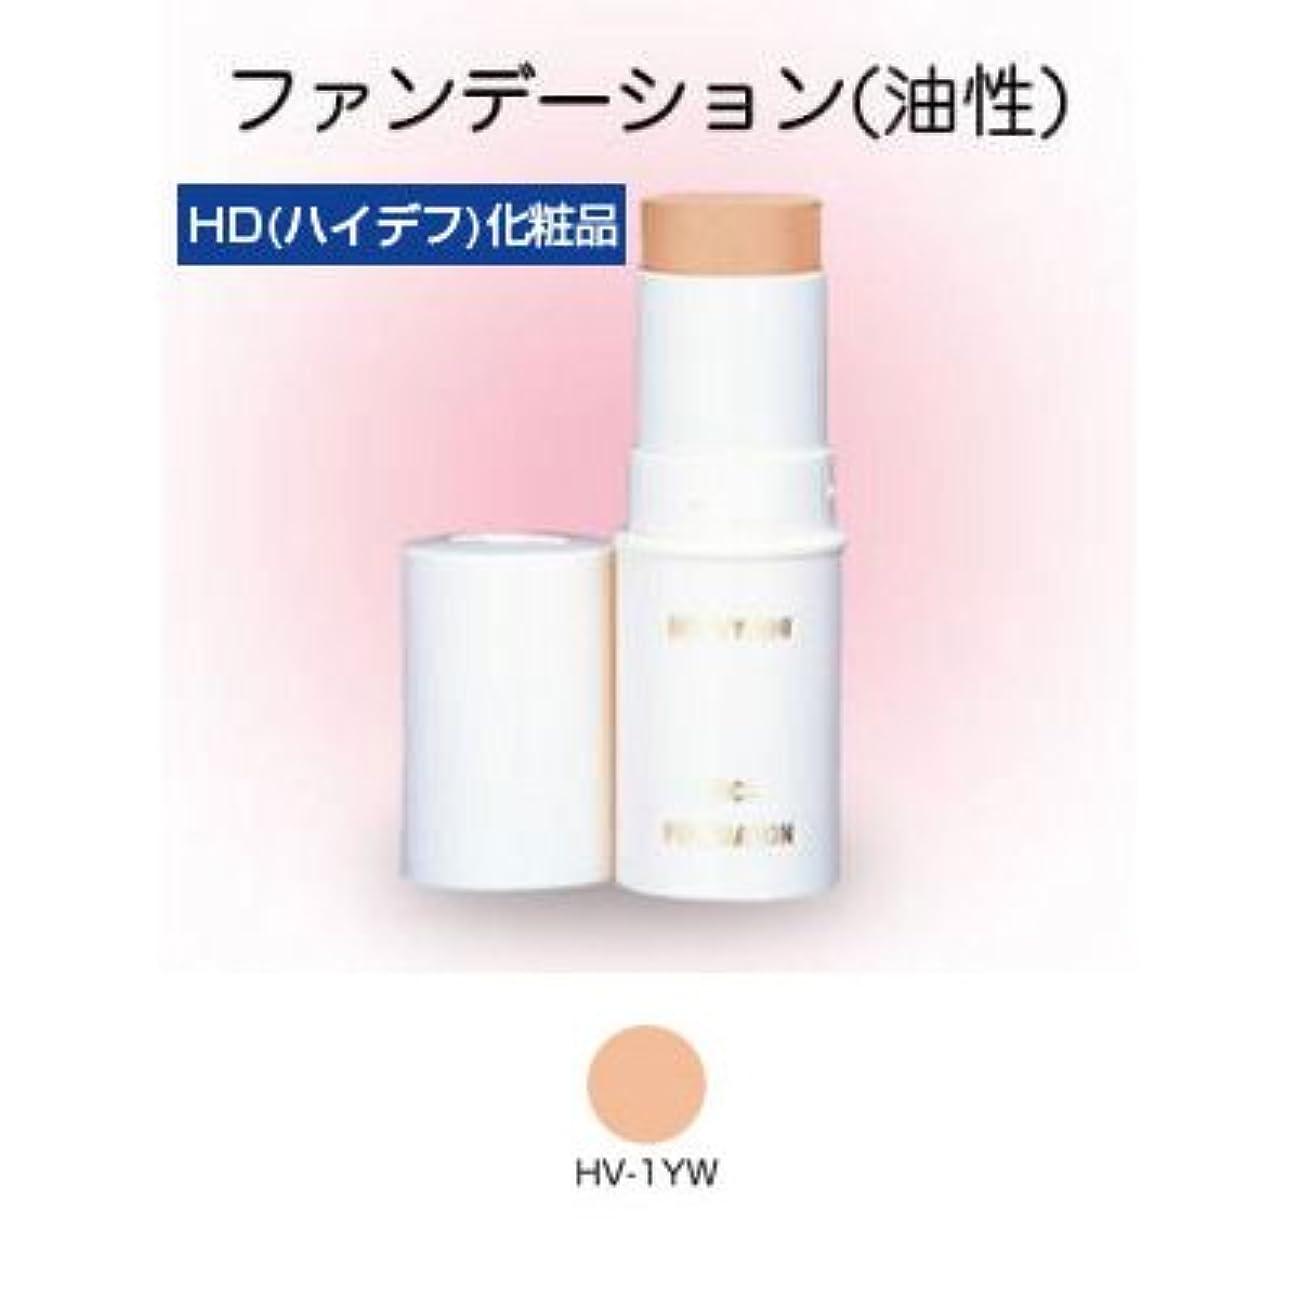 気分が良い反対するモータースティックファンデーション HD化粧品 17g 1YW 【三善】